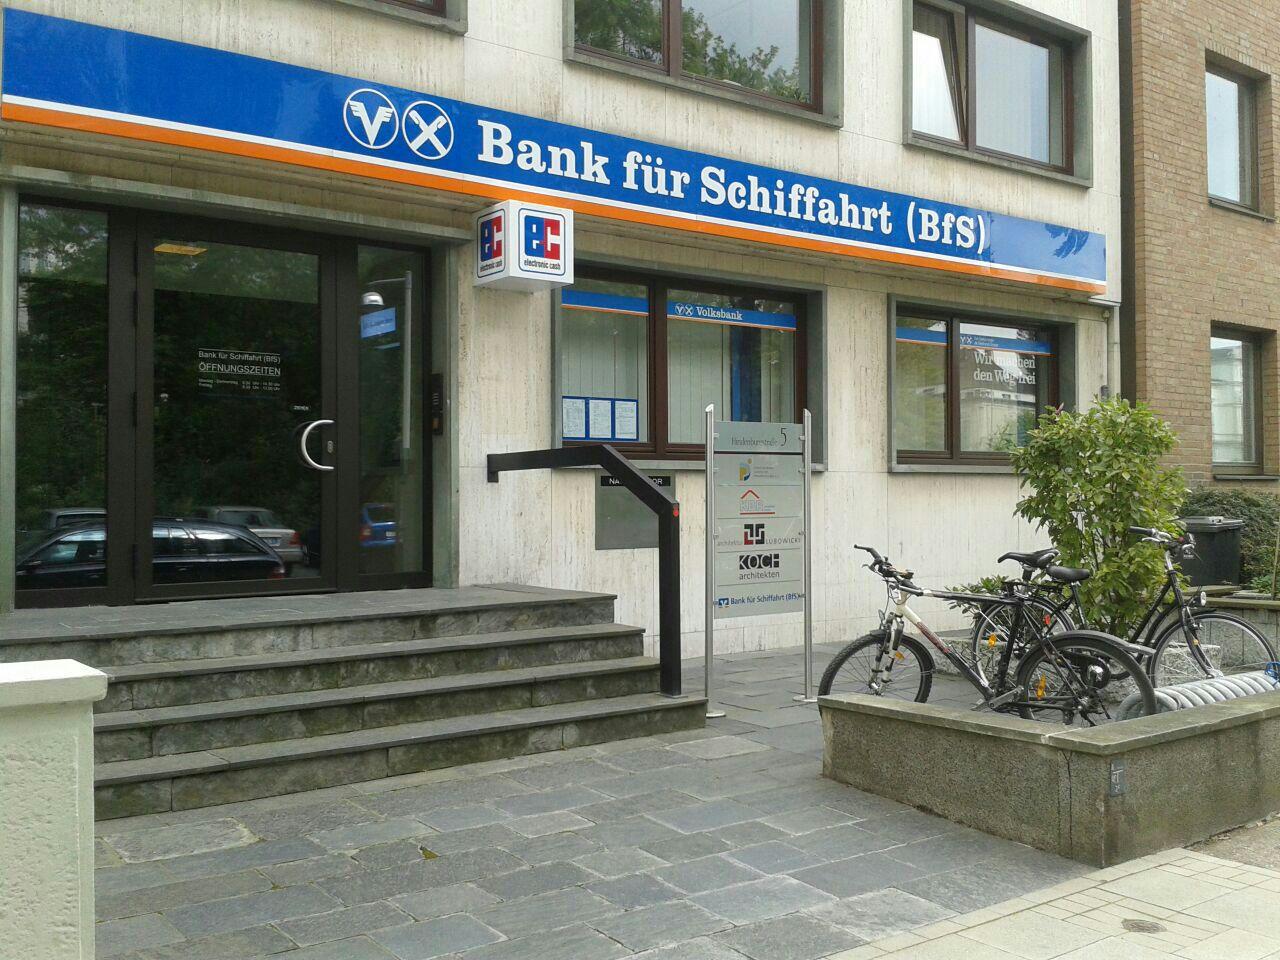 Bank für Schiffahrt (BfS) - Niederlassung Hannover